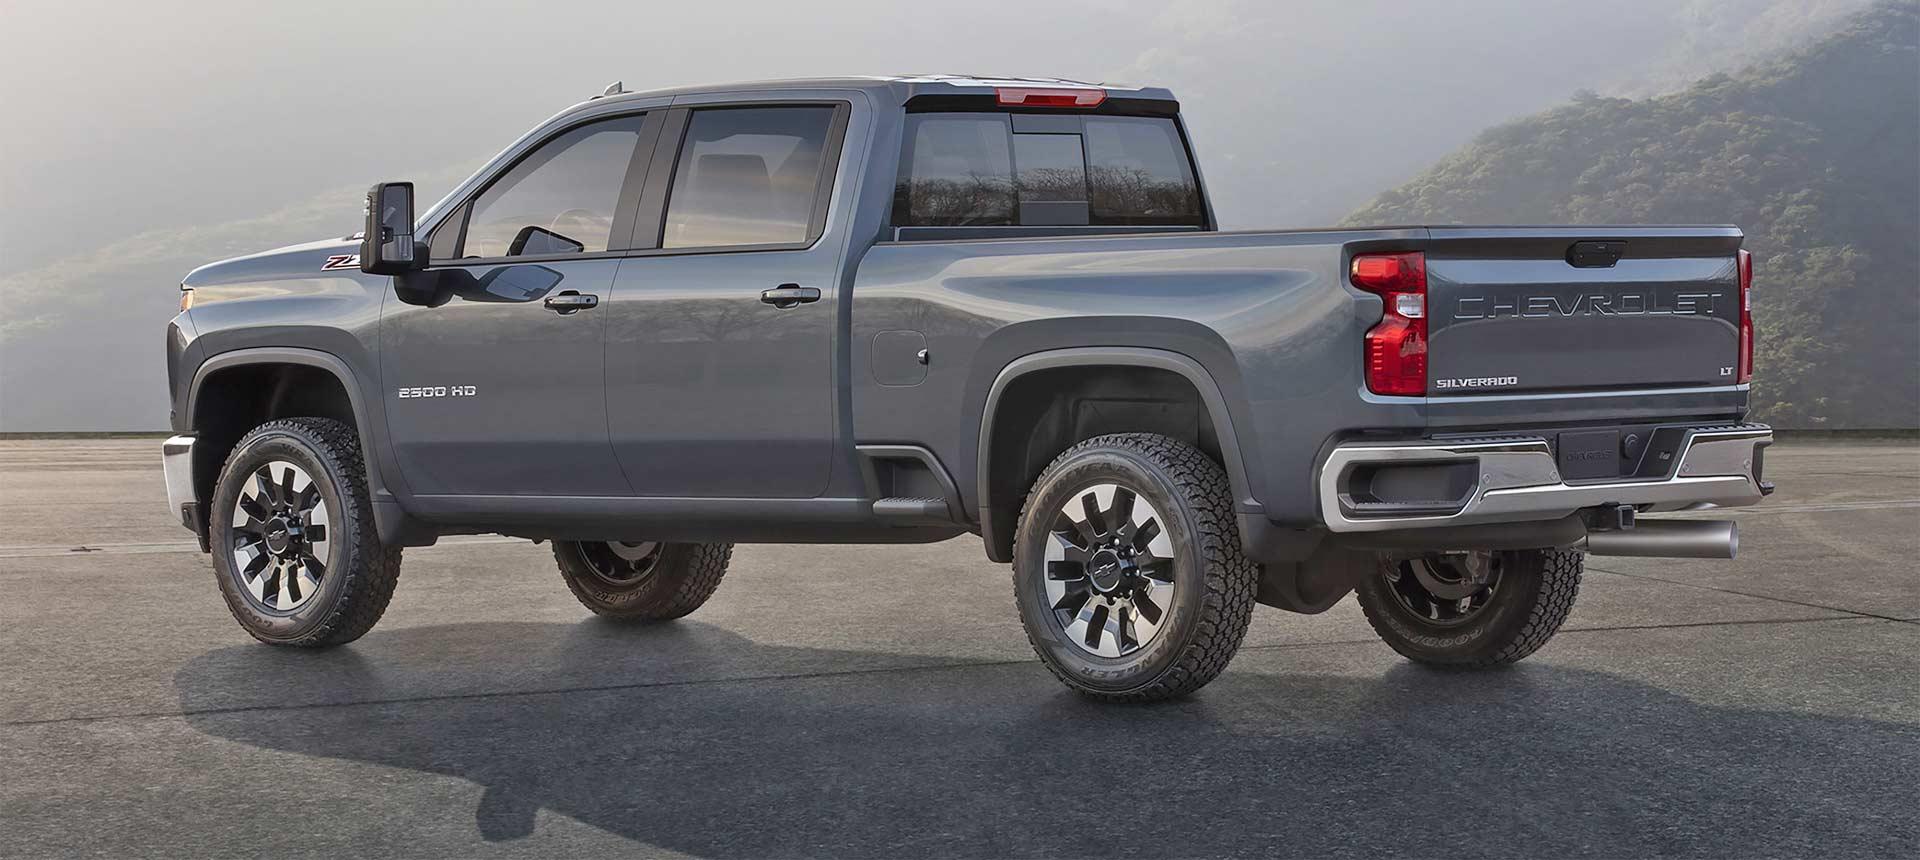 2020-Chevrolet-Silverado-HD_2